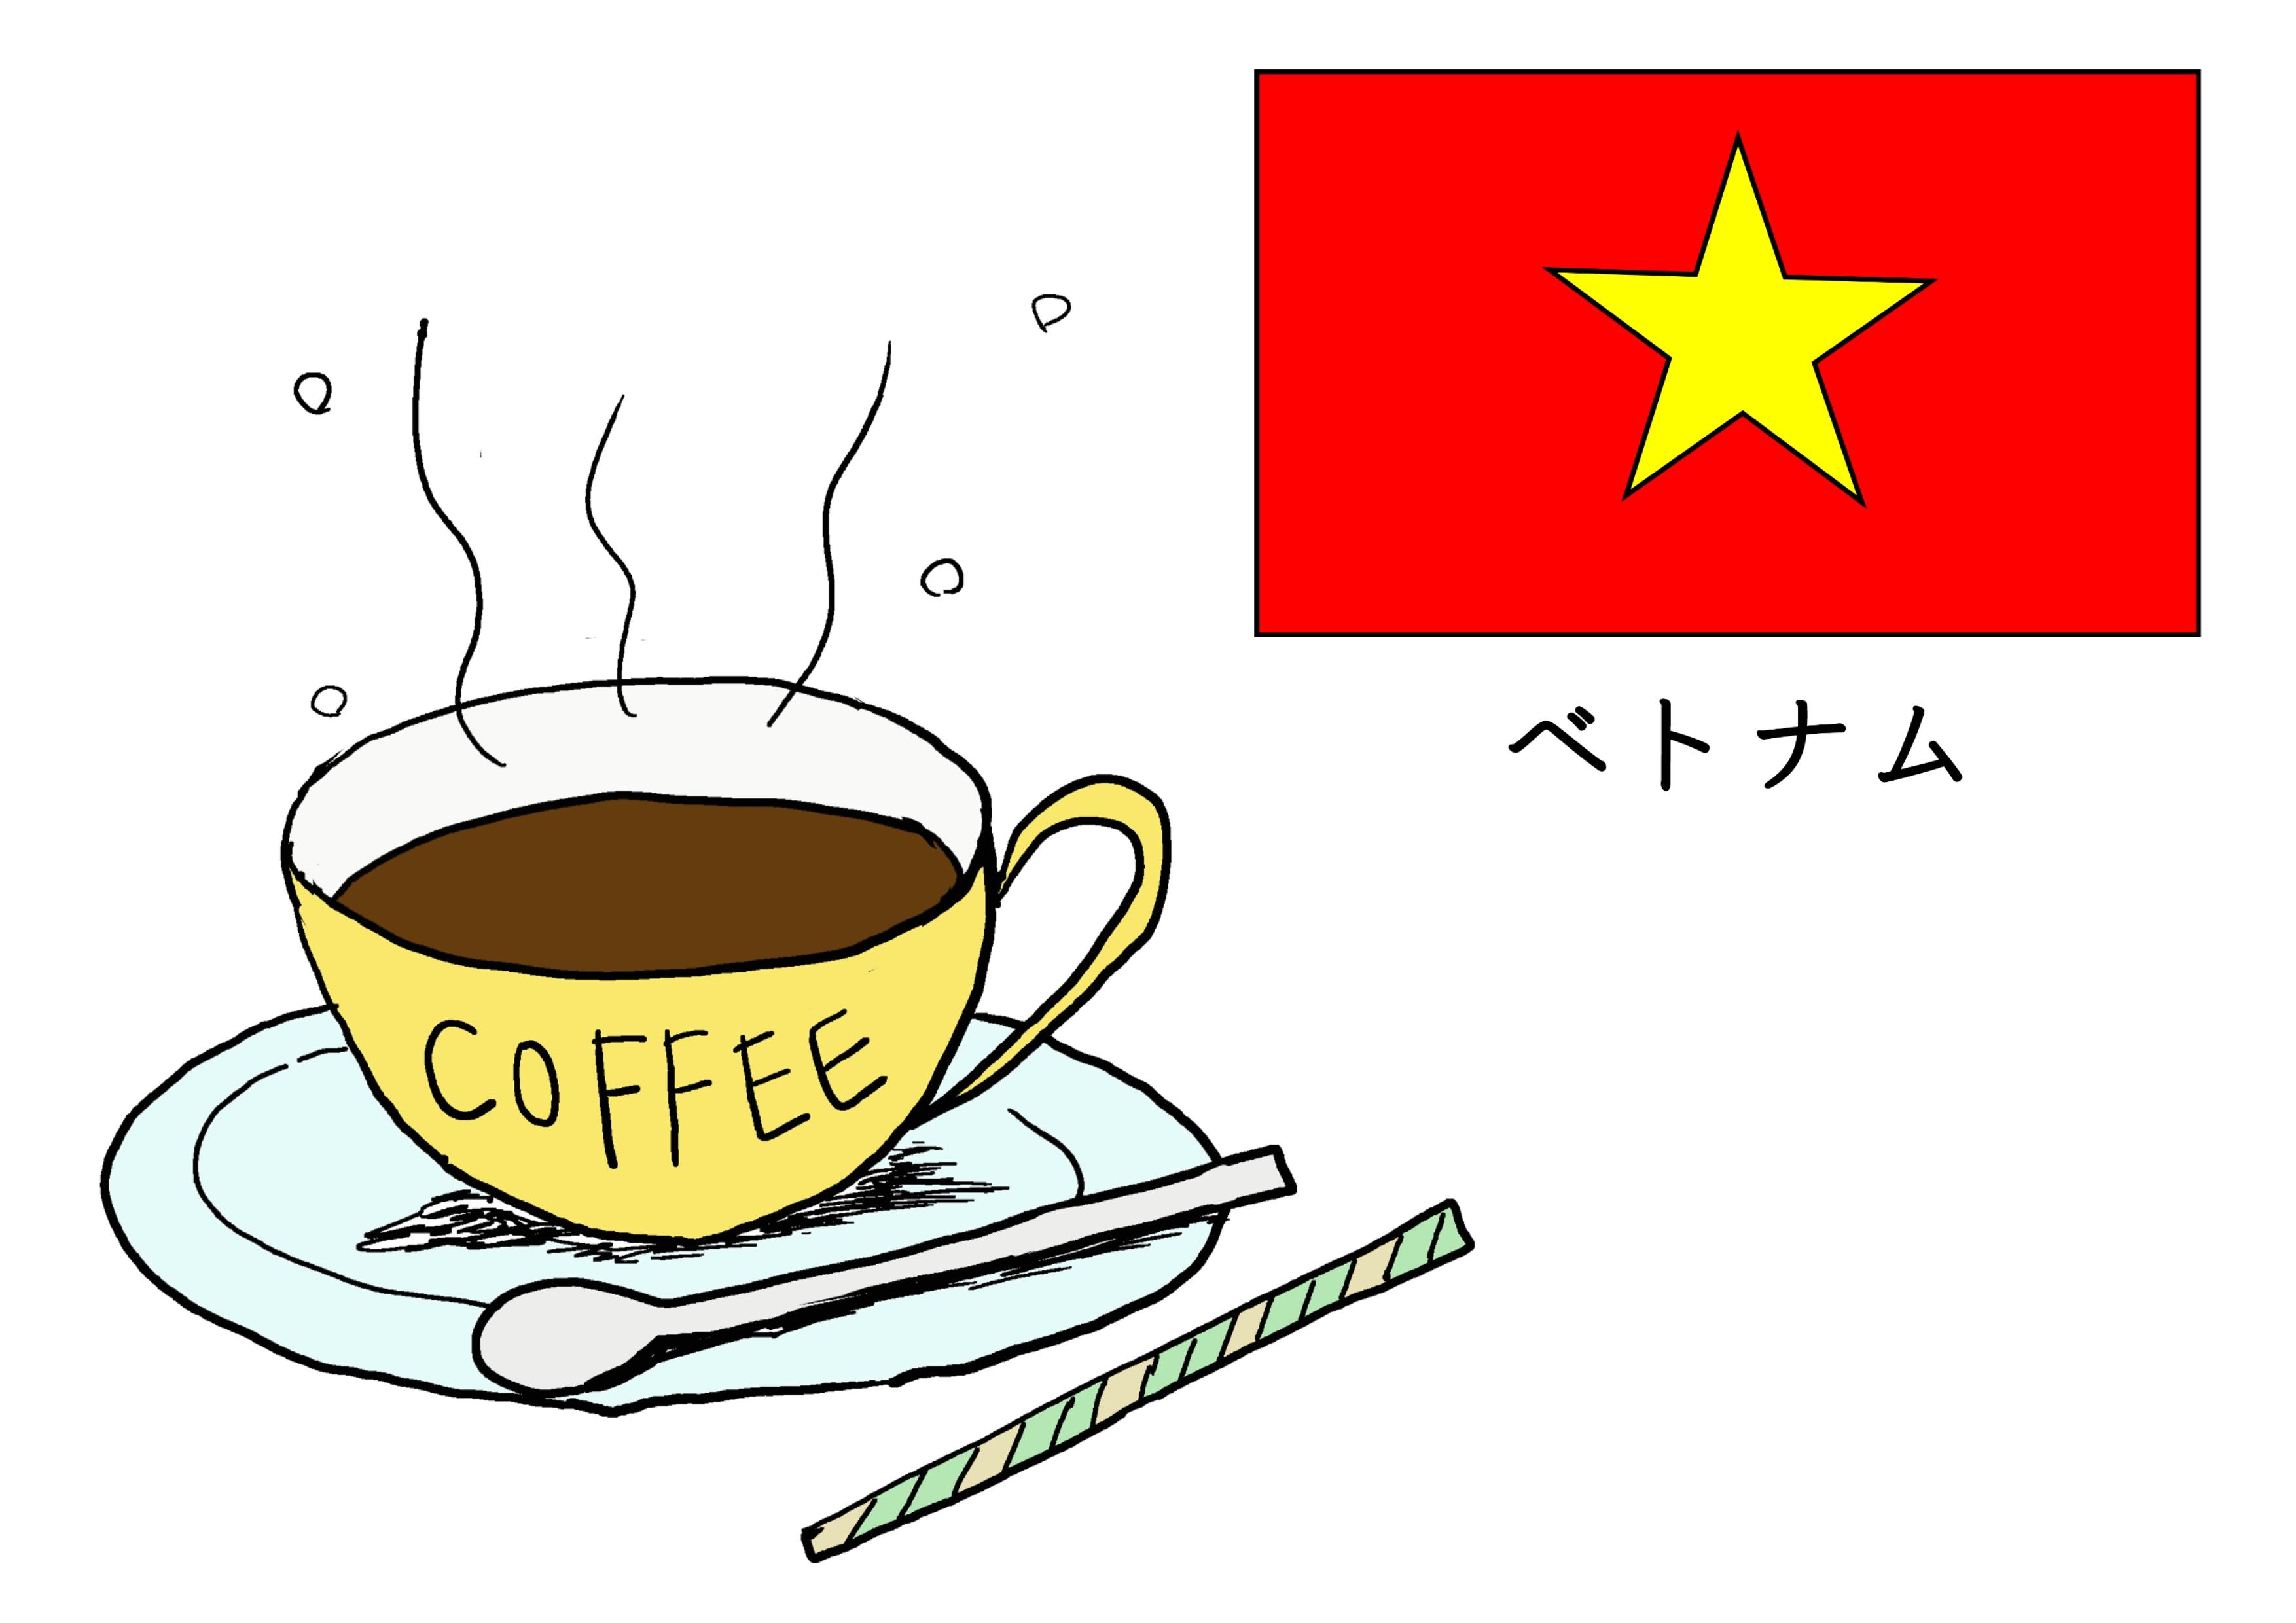 3課イラスト【ベトナムのコーヒー】